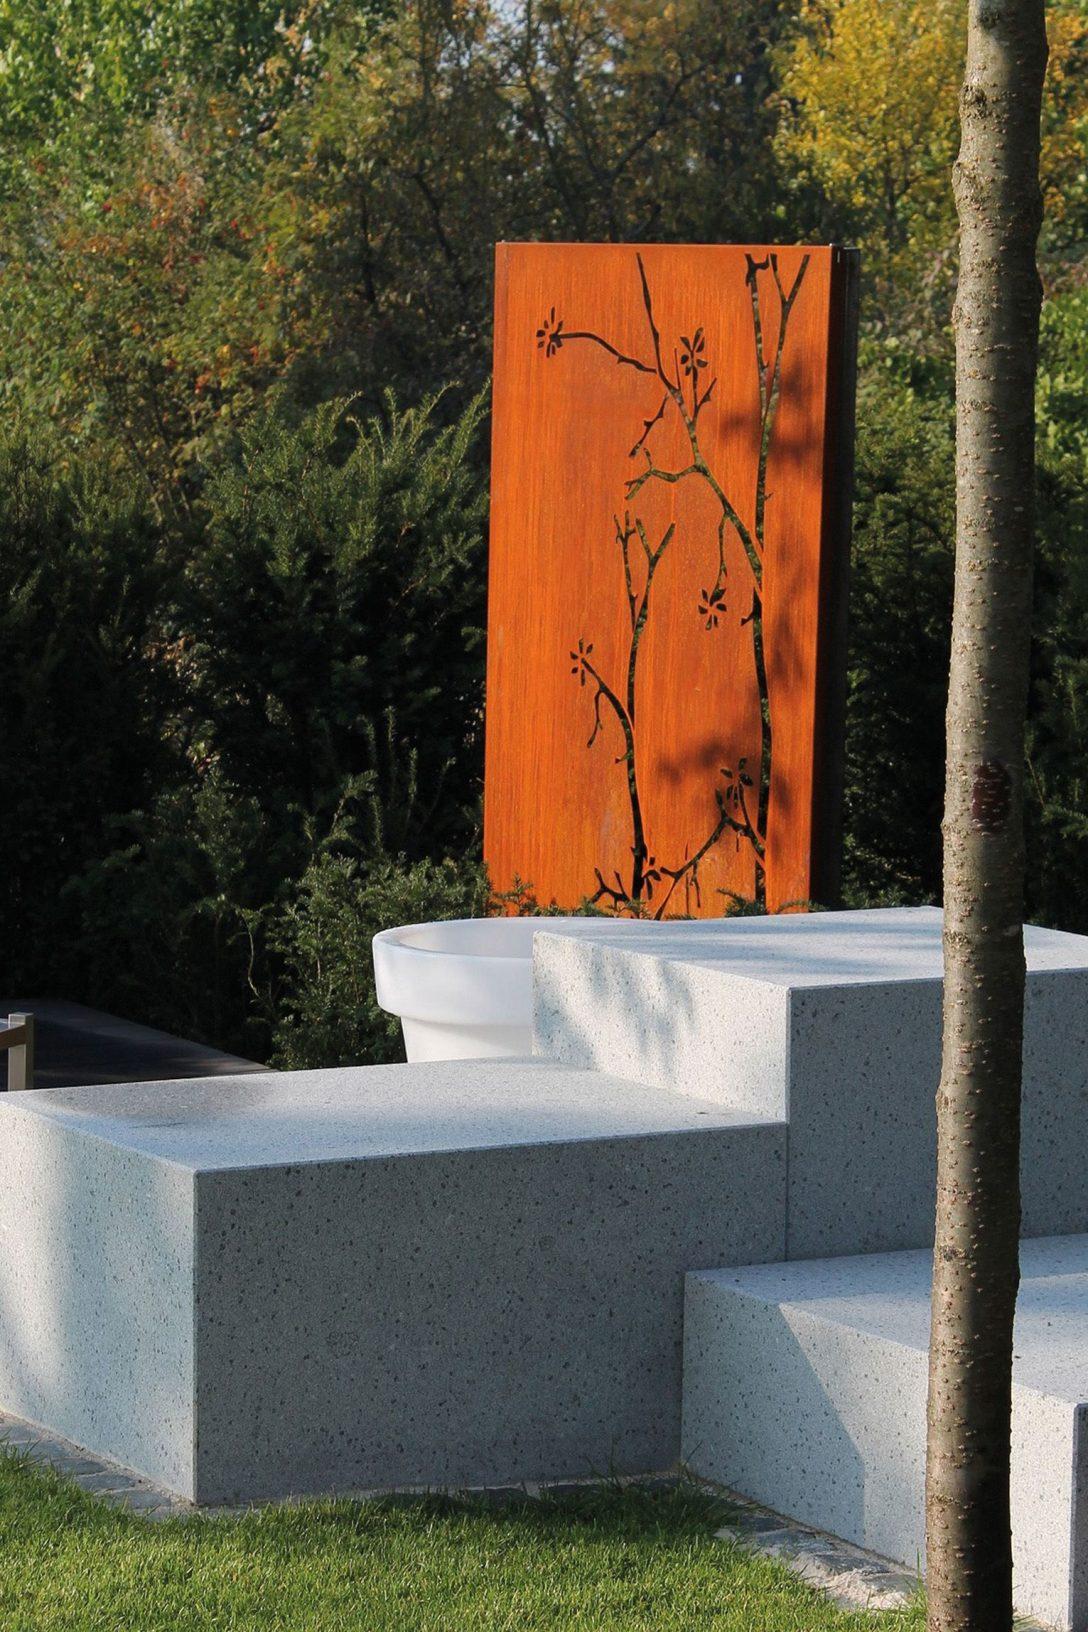 Large Size of Sichtschutz Rost Hornbach Metall Pusteblume Garten Schlafzimmer Set Mit Matratze Und Lattenrost Bett Für Fenster 160x200 180x200 Komplett Rostock Wohnzimmer Sichtschutz Rost Hornbach